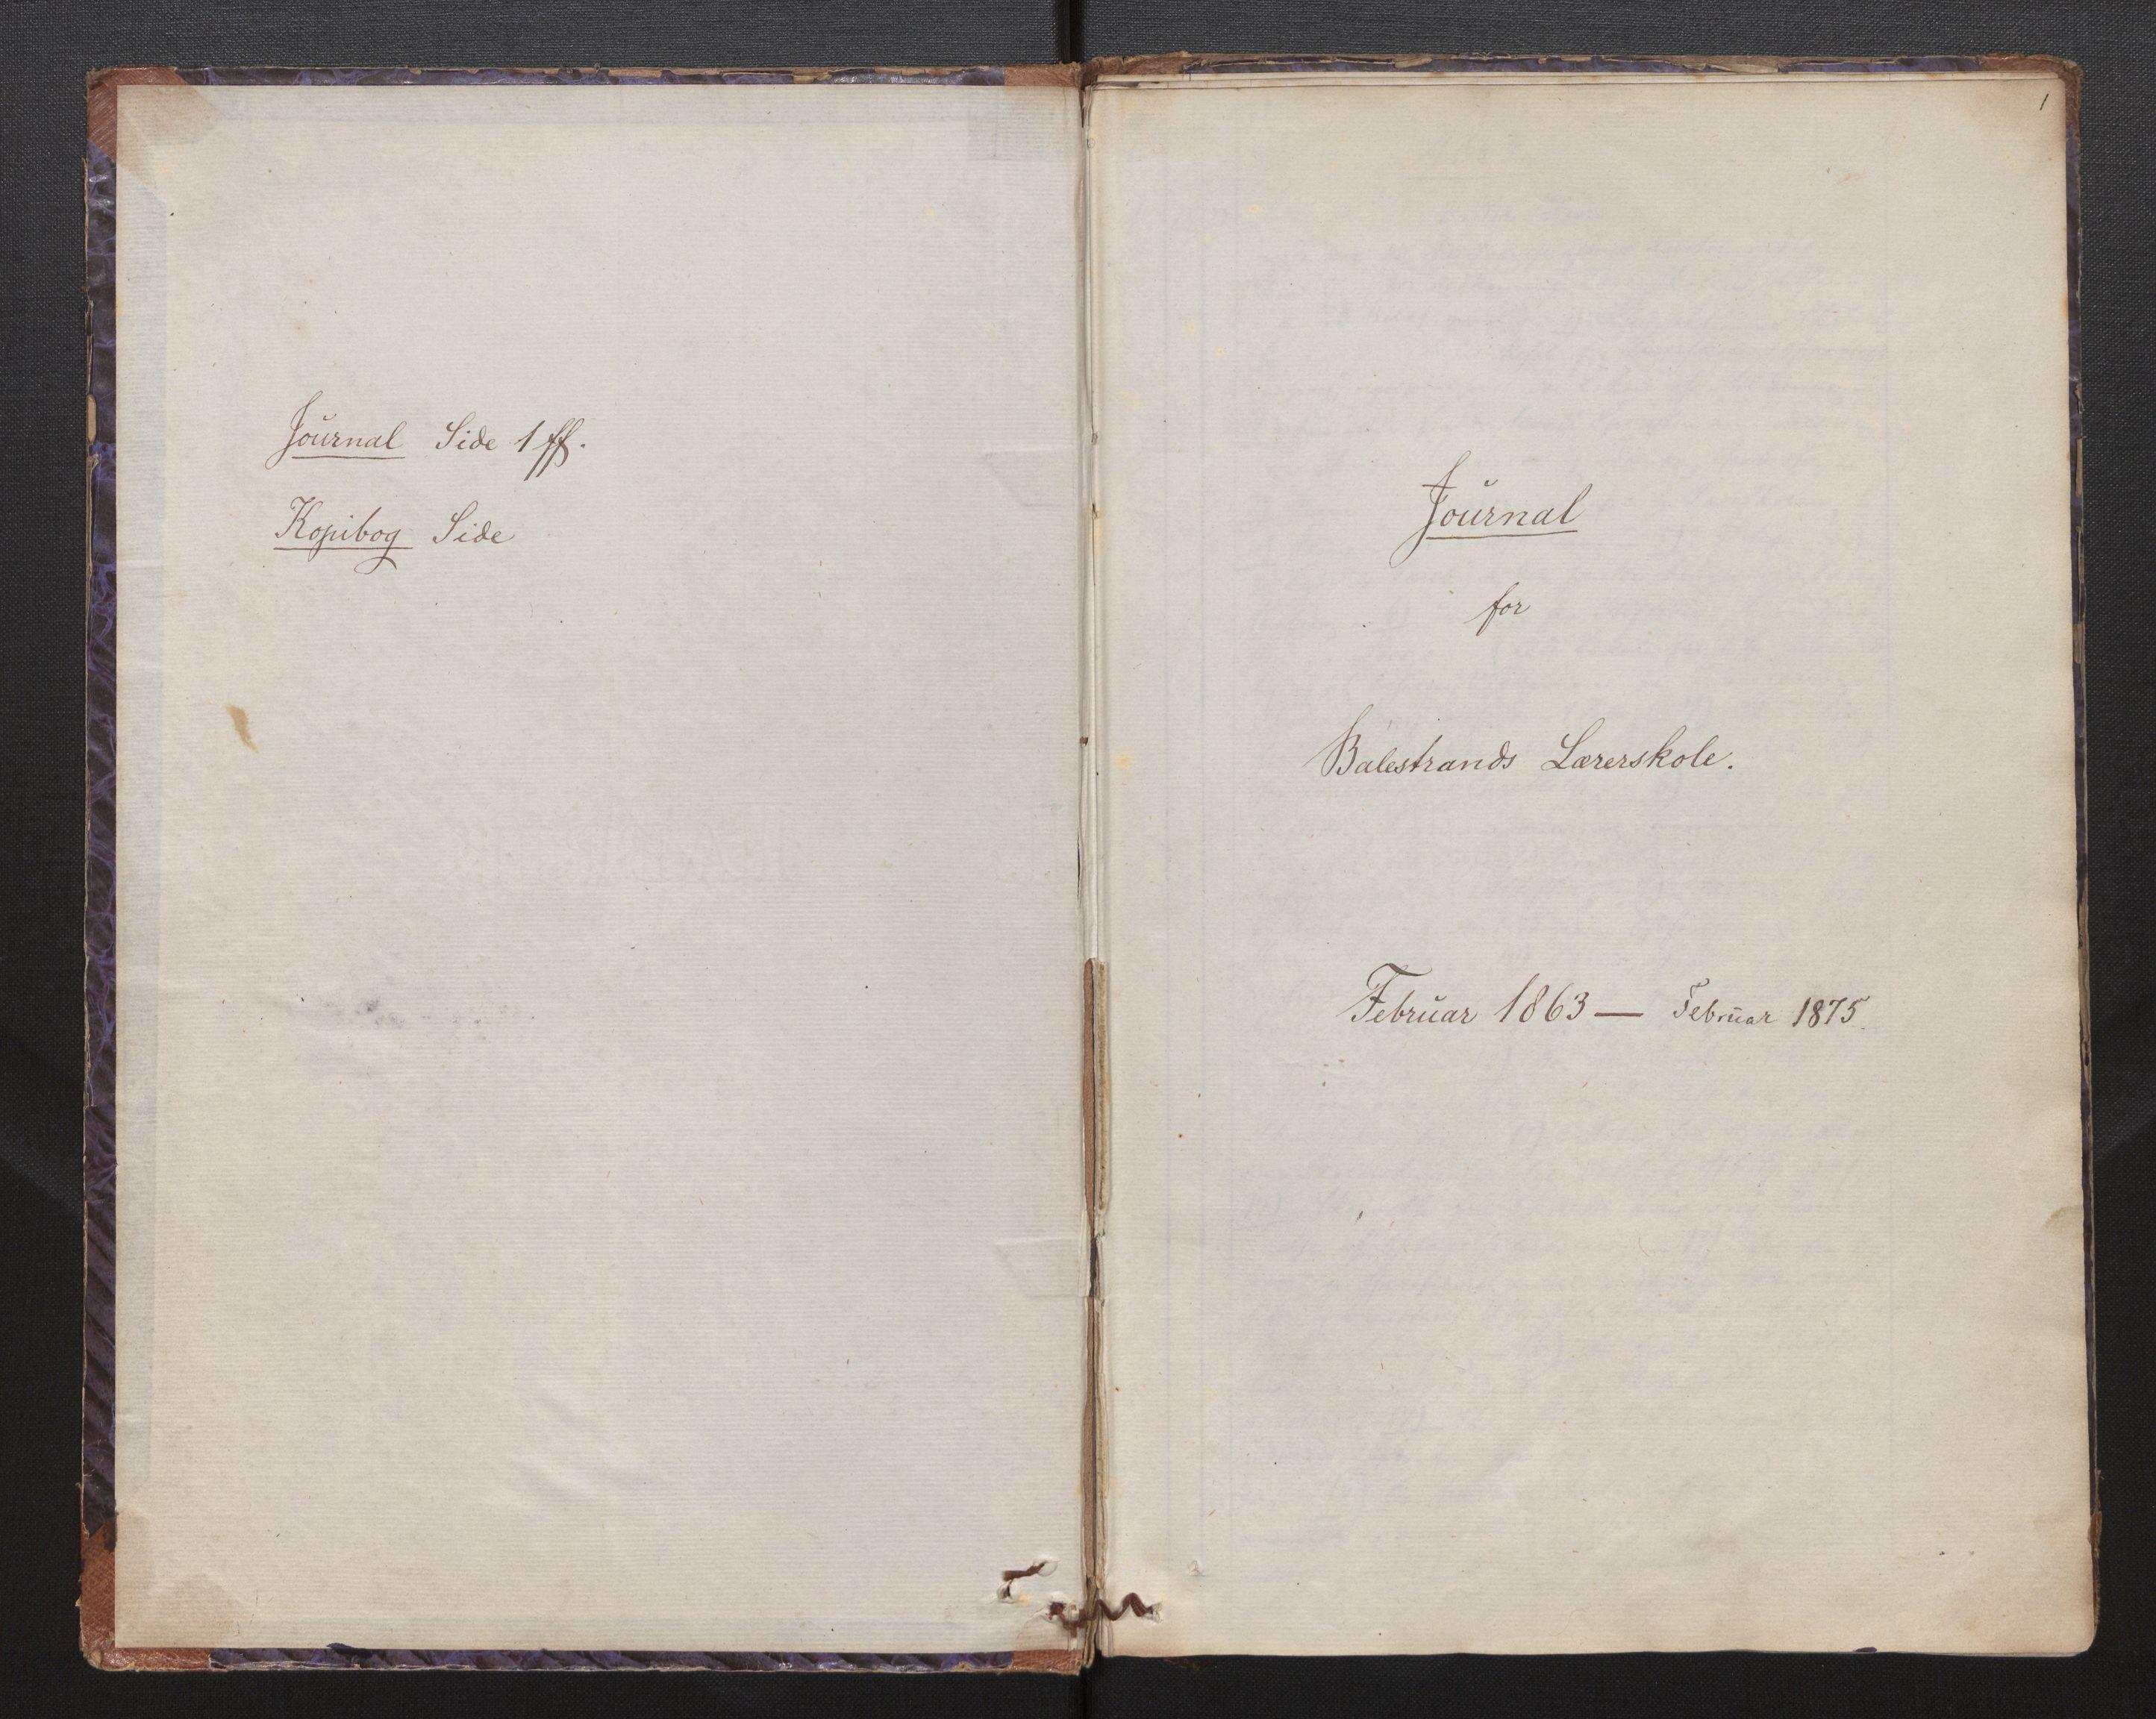 SAB, Balestrand lærerskole, B/L0001: Kopibok / journal, 1863-1874